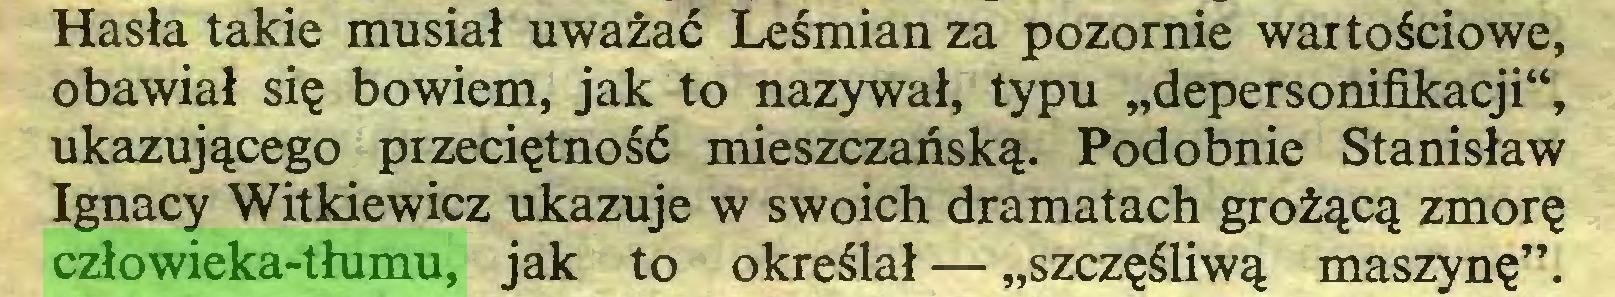 """(...) Hasła takie musiał uważać Leśmian za pozornie wartościowe, obawiał się bowiem, jak to nazywał, typu """"depersonifikacji"""", ukazującego pizeciętność mieszczańską. Podobnie Stanisław Ignacy Witkiewicz ukazuje w swoich dramatach grożącą zmorę człowieka-tłumu, jak to określał — """"szczęśliwą maszynę""""..."""